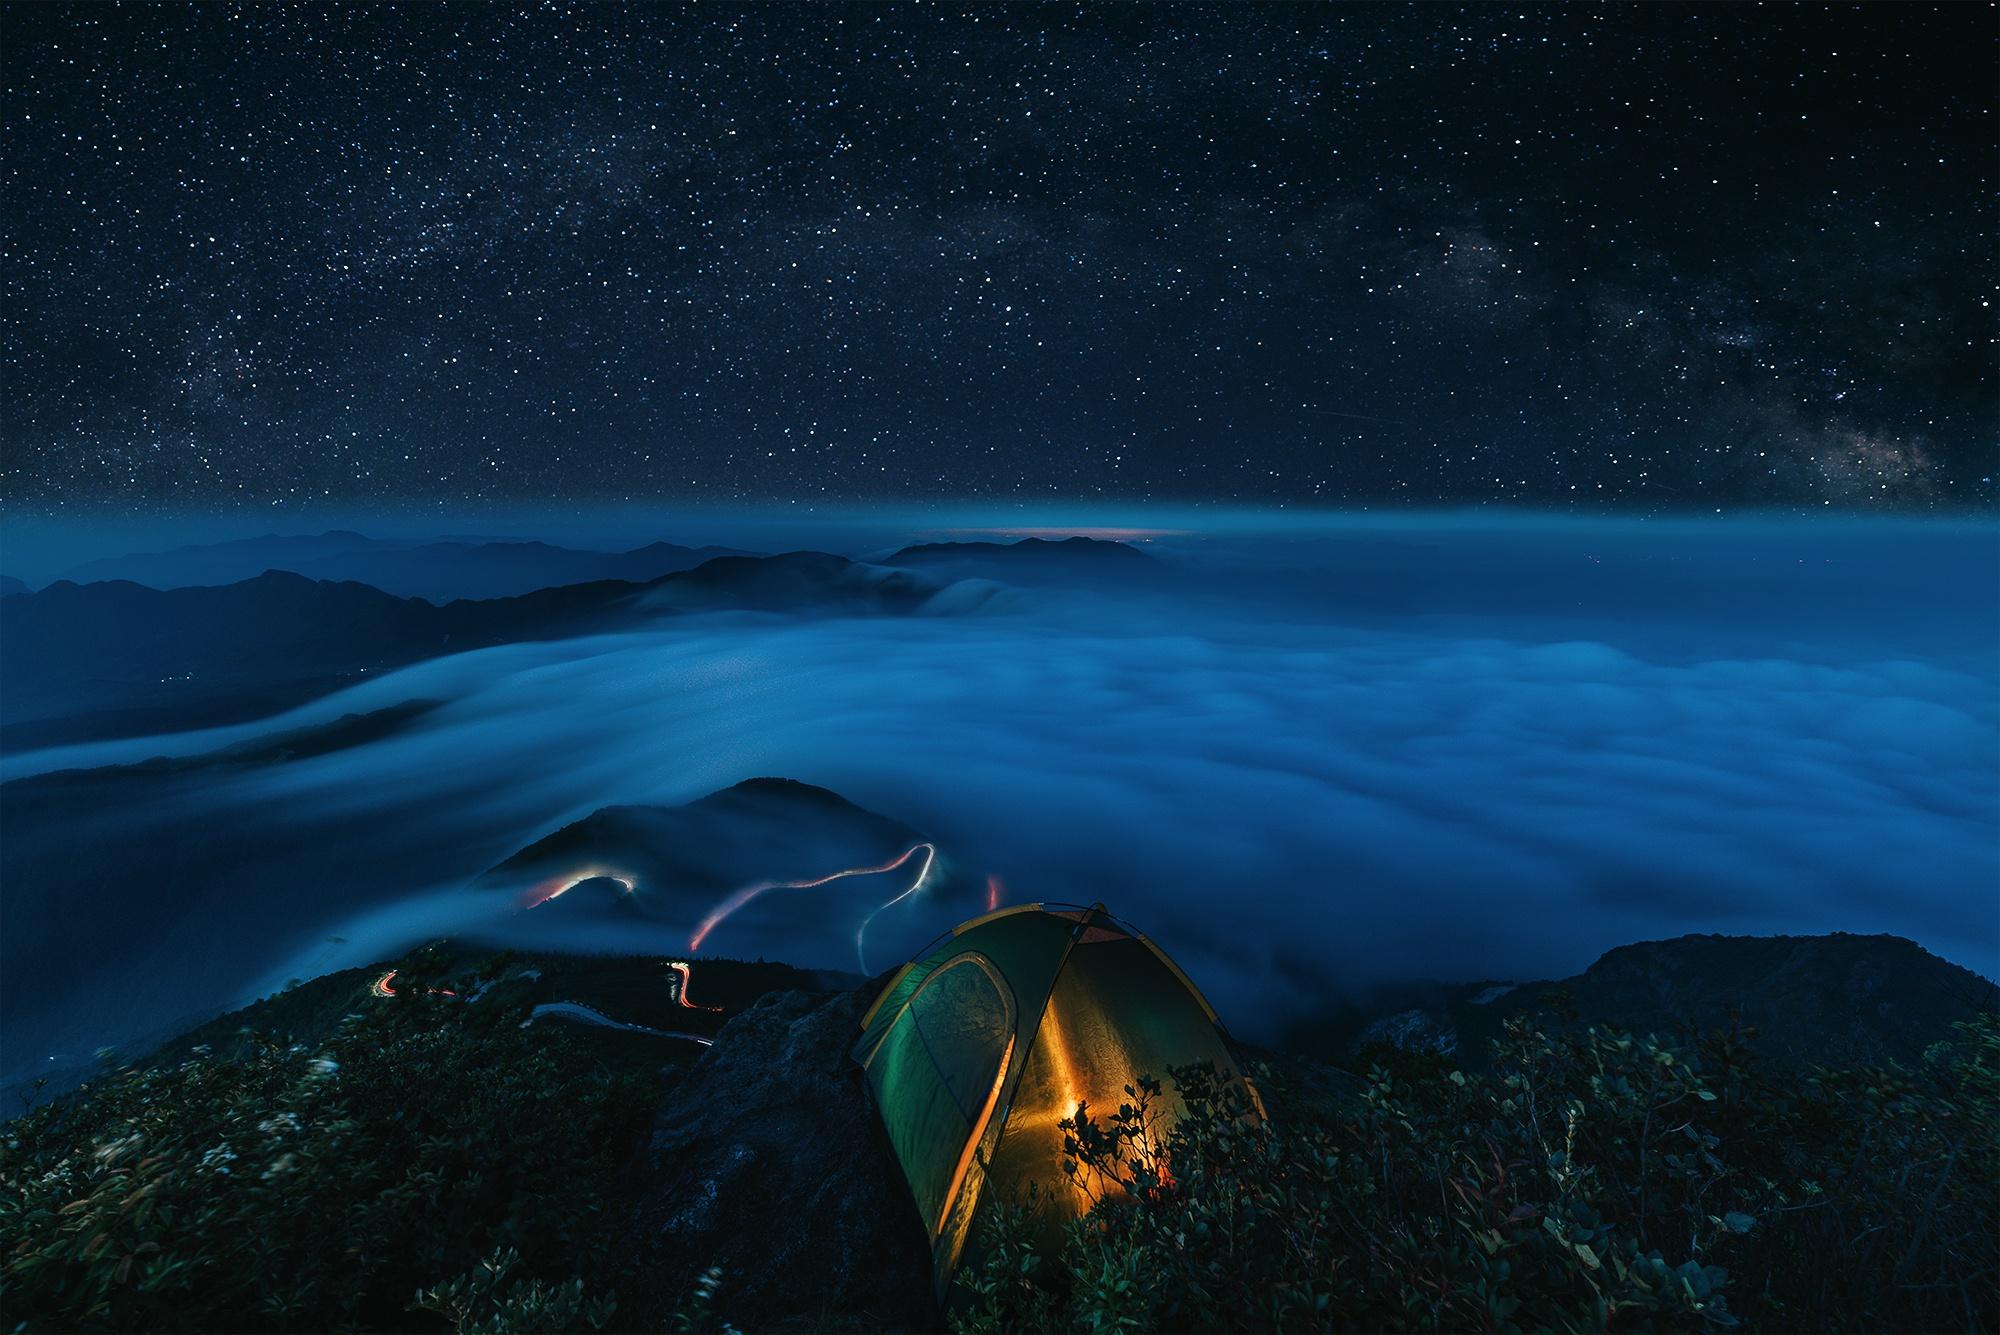 デスクトップ壁紙 夜空 テント 自然 星 屋外 風景 2000x1335